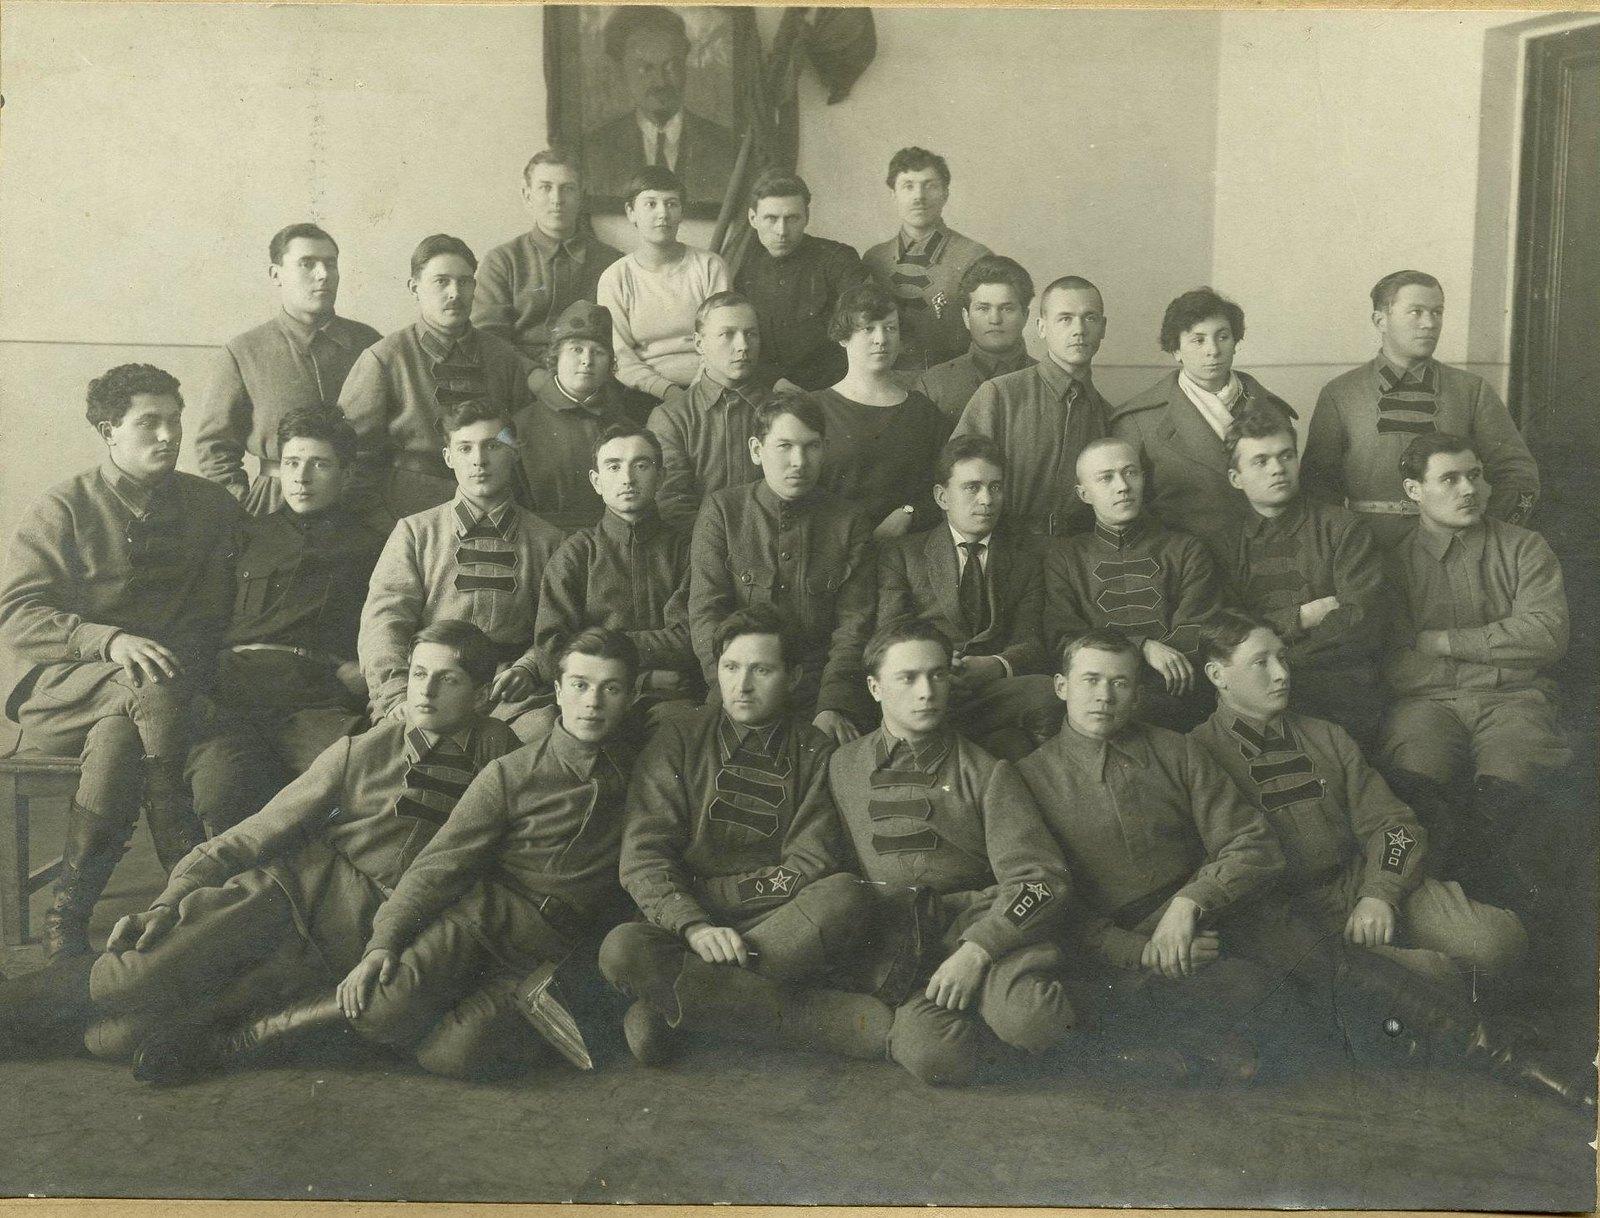 1919. Групповой портрет кавалеристов Кавказской армии